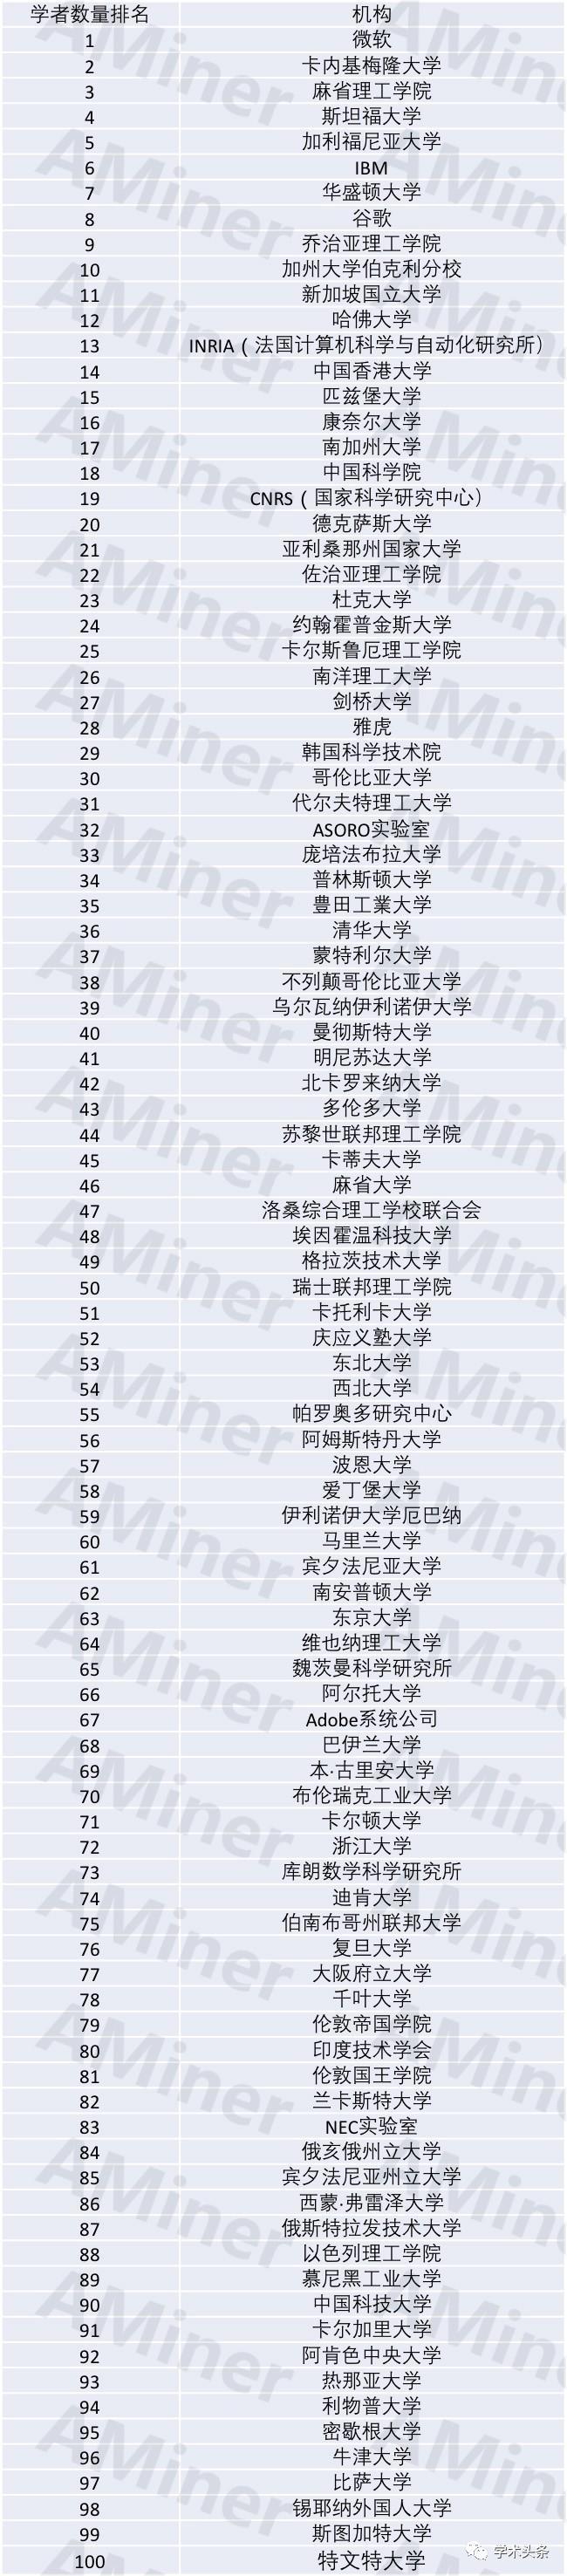 全球AI机构影响力排名:中国5所高校1所研究院入围【马哥教育新闻快报273期】